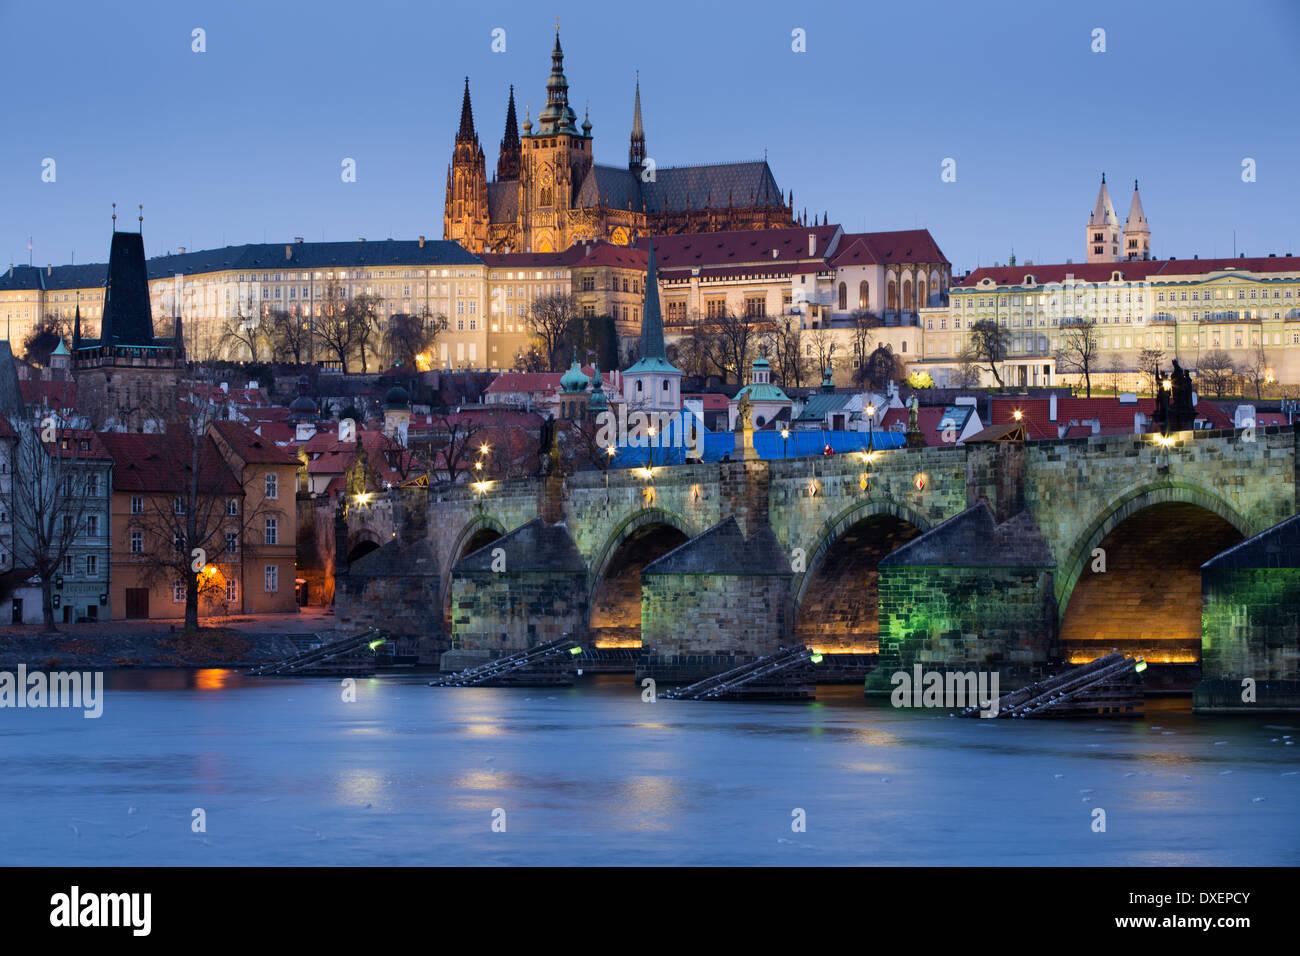 El barrio del castillo, la Catedral de San Vito y el Puente de Carlos sobre el río Moldava Al atardecer, Praga, República Checa Imagen De Stock